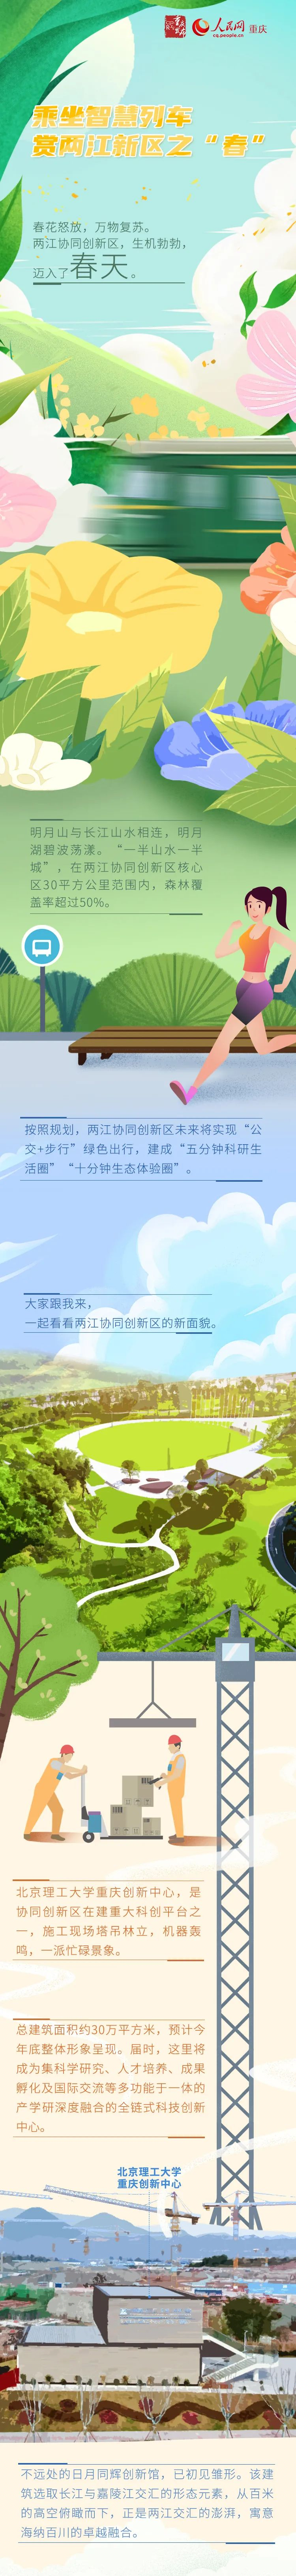 乘坐智慧列车,赏两江协同创新区新春色图片